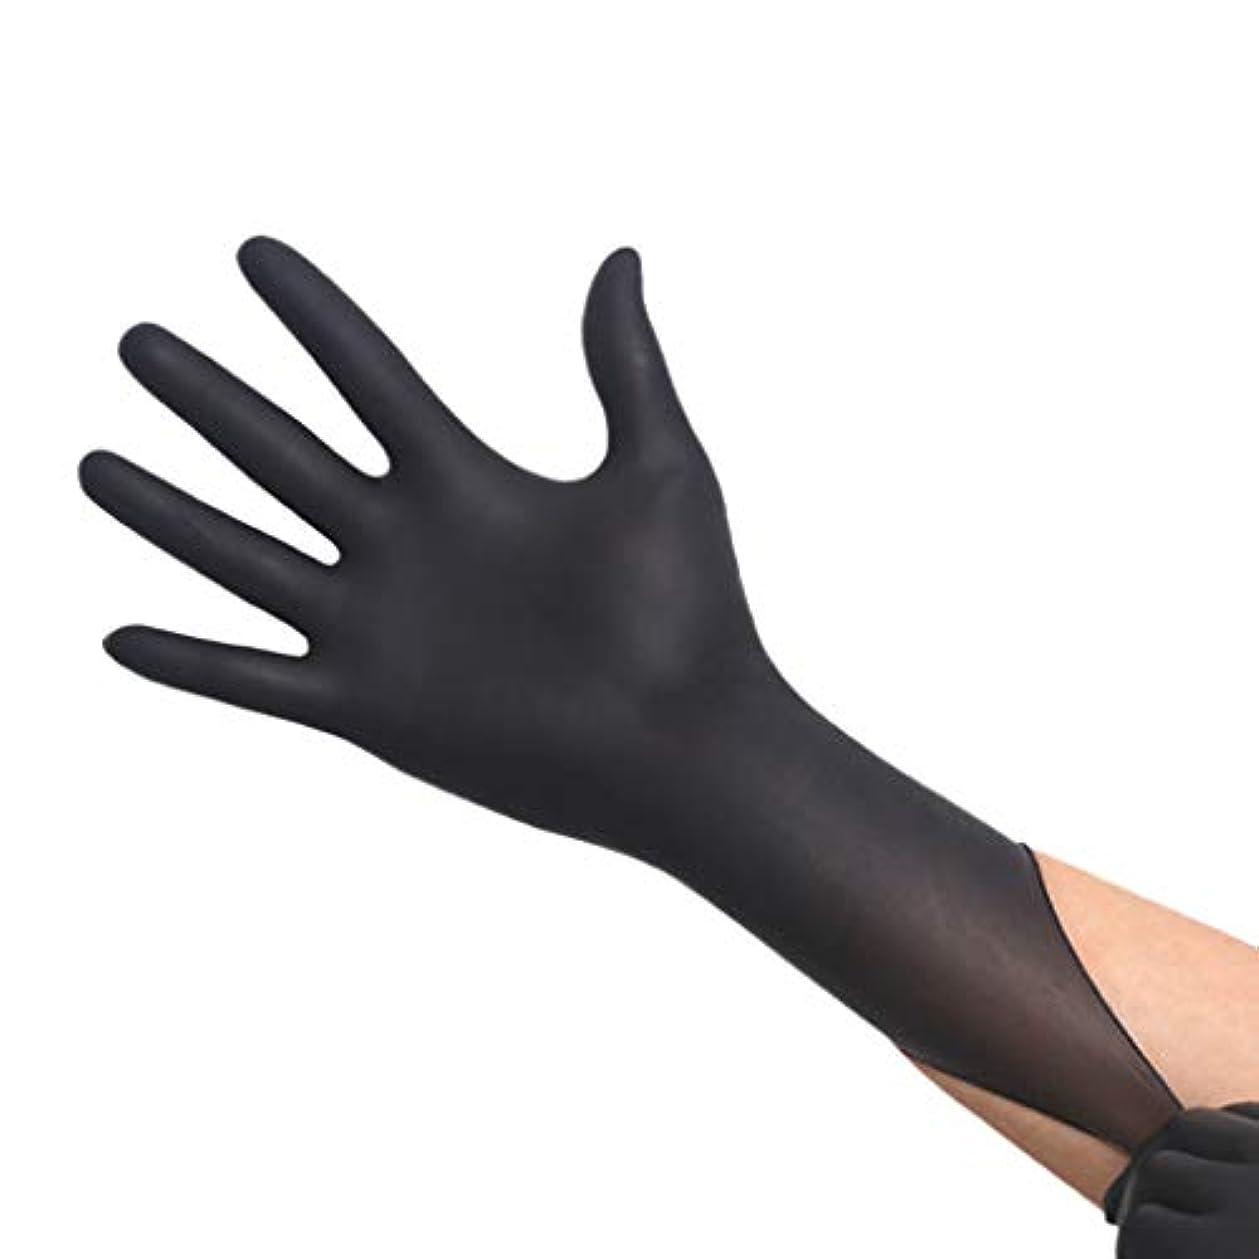 ゲインセイ止まる水没厚手の耐摩耗性使い捨てブラックニトリル手袋 - 耐酸性美容サロン手袋、50ペア/箱 YANW (色 : ブラック, サイズ さいず : M m)